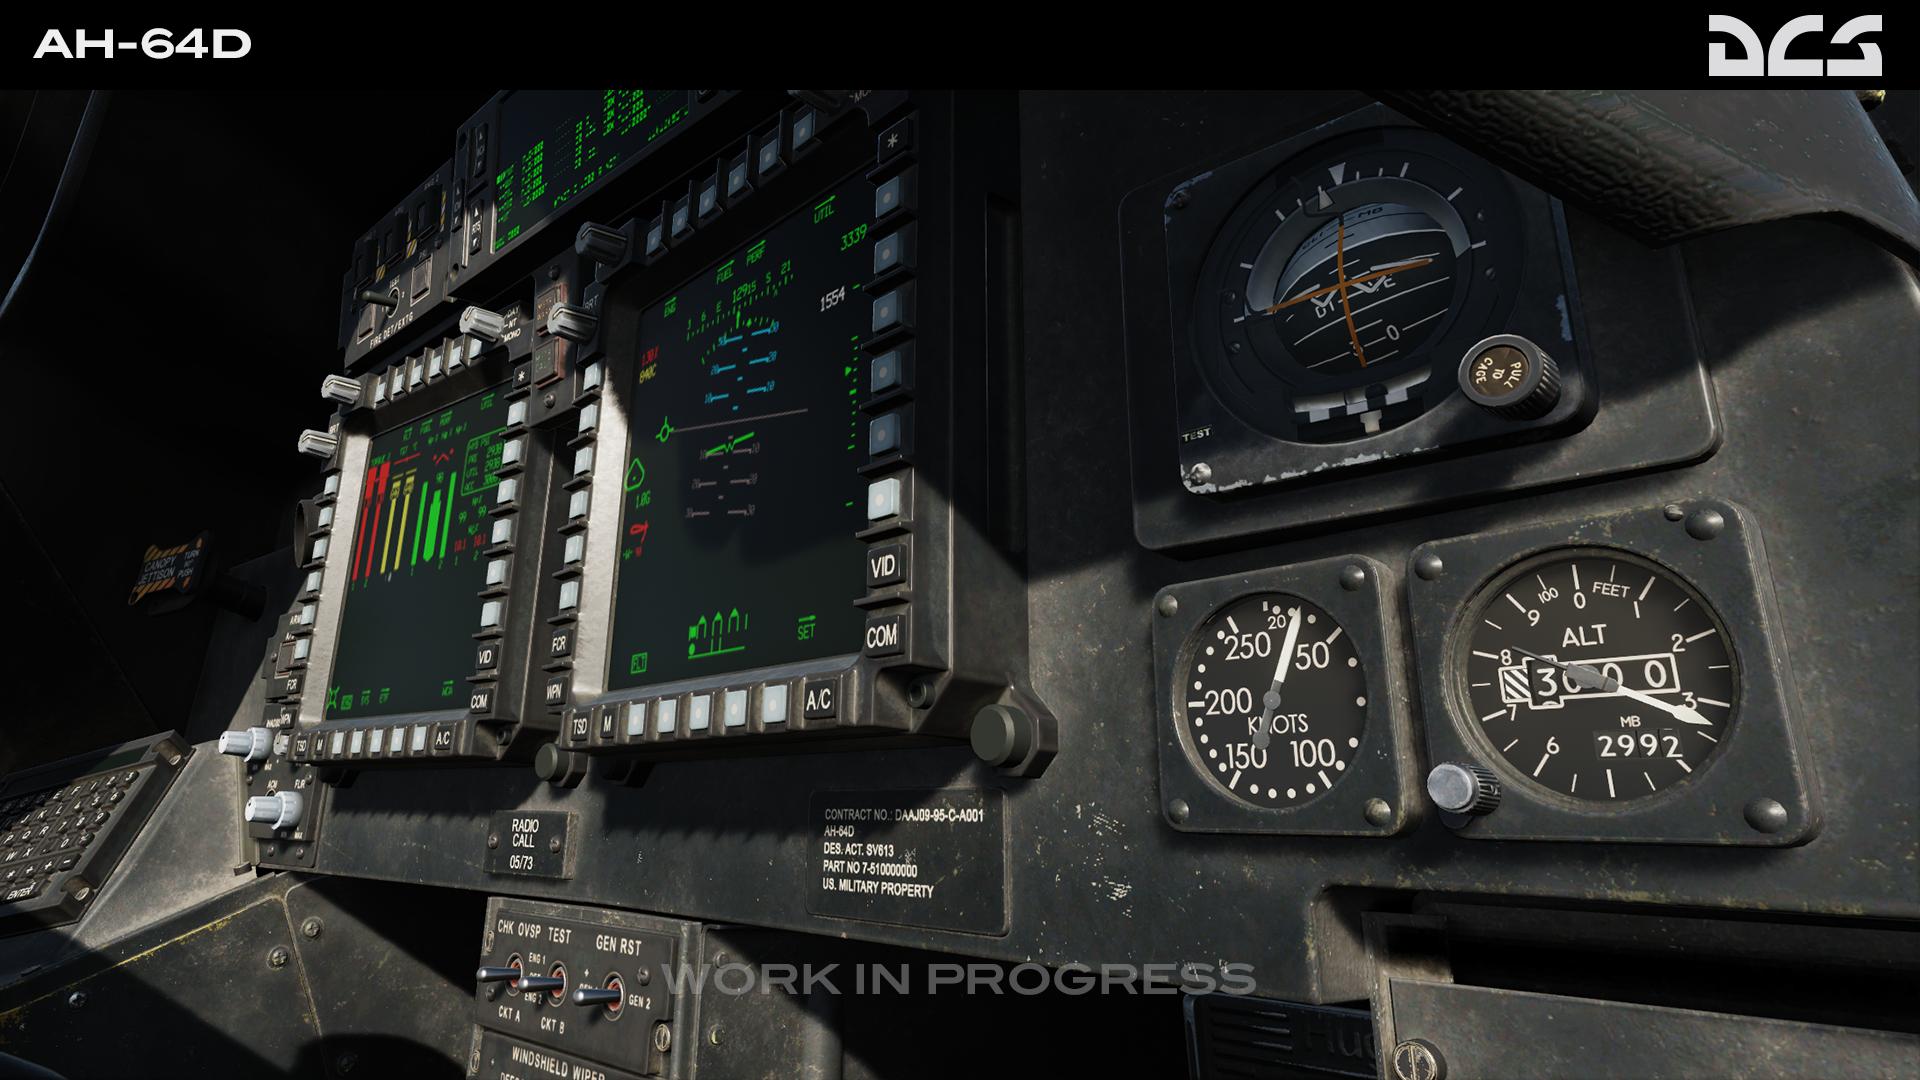 dcs-world-flight-simulator-ah-64d-03.png